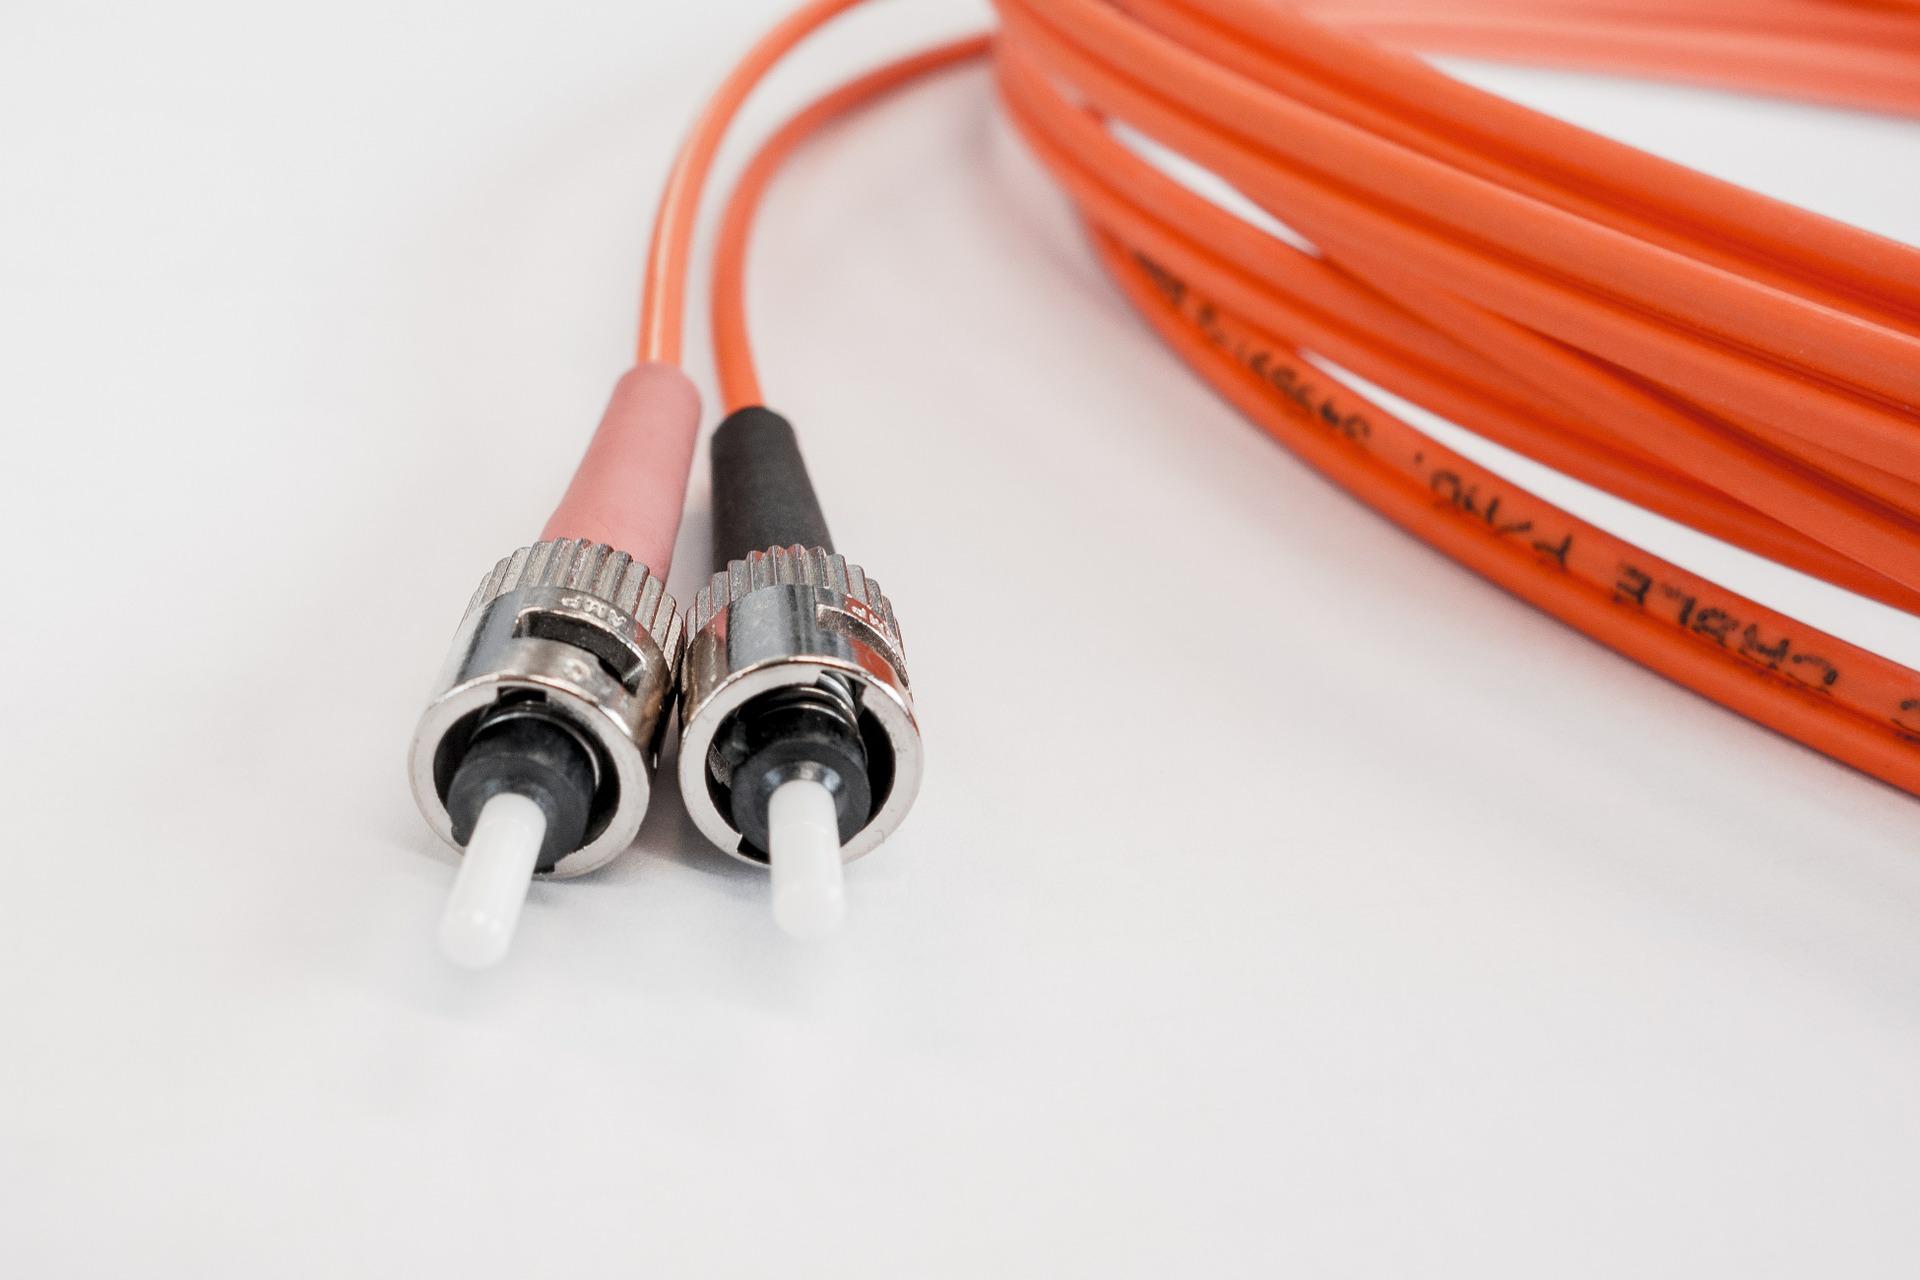 La xarxa és propietat de l'ajuntament i la gestiona Electra Comercial